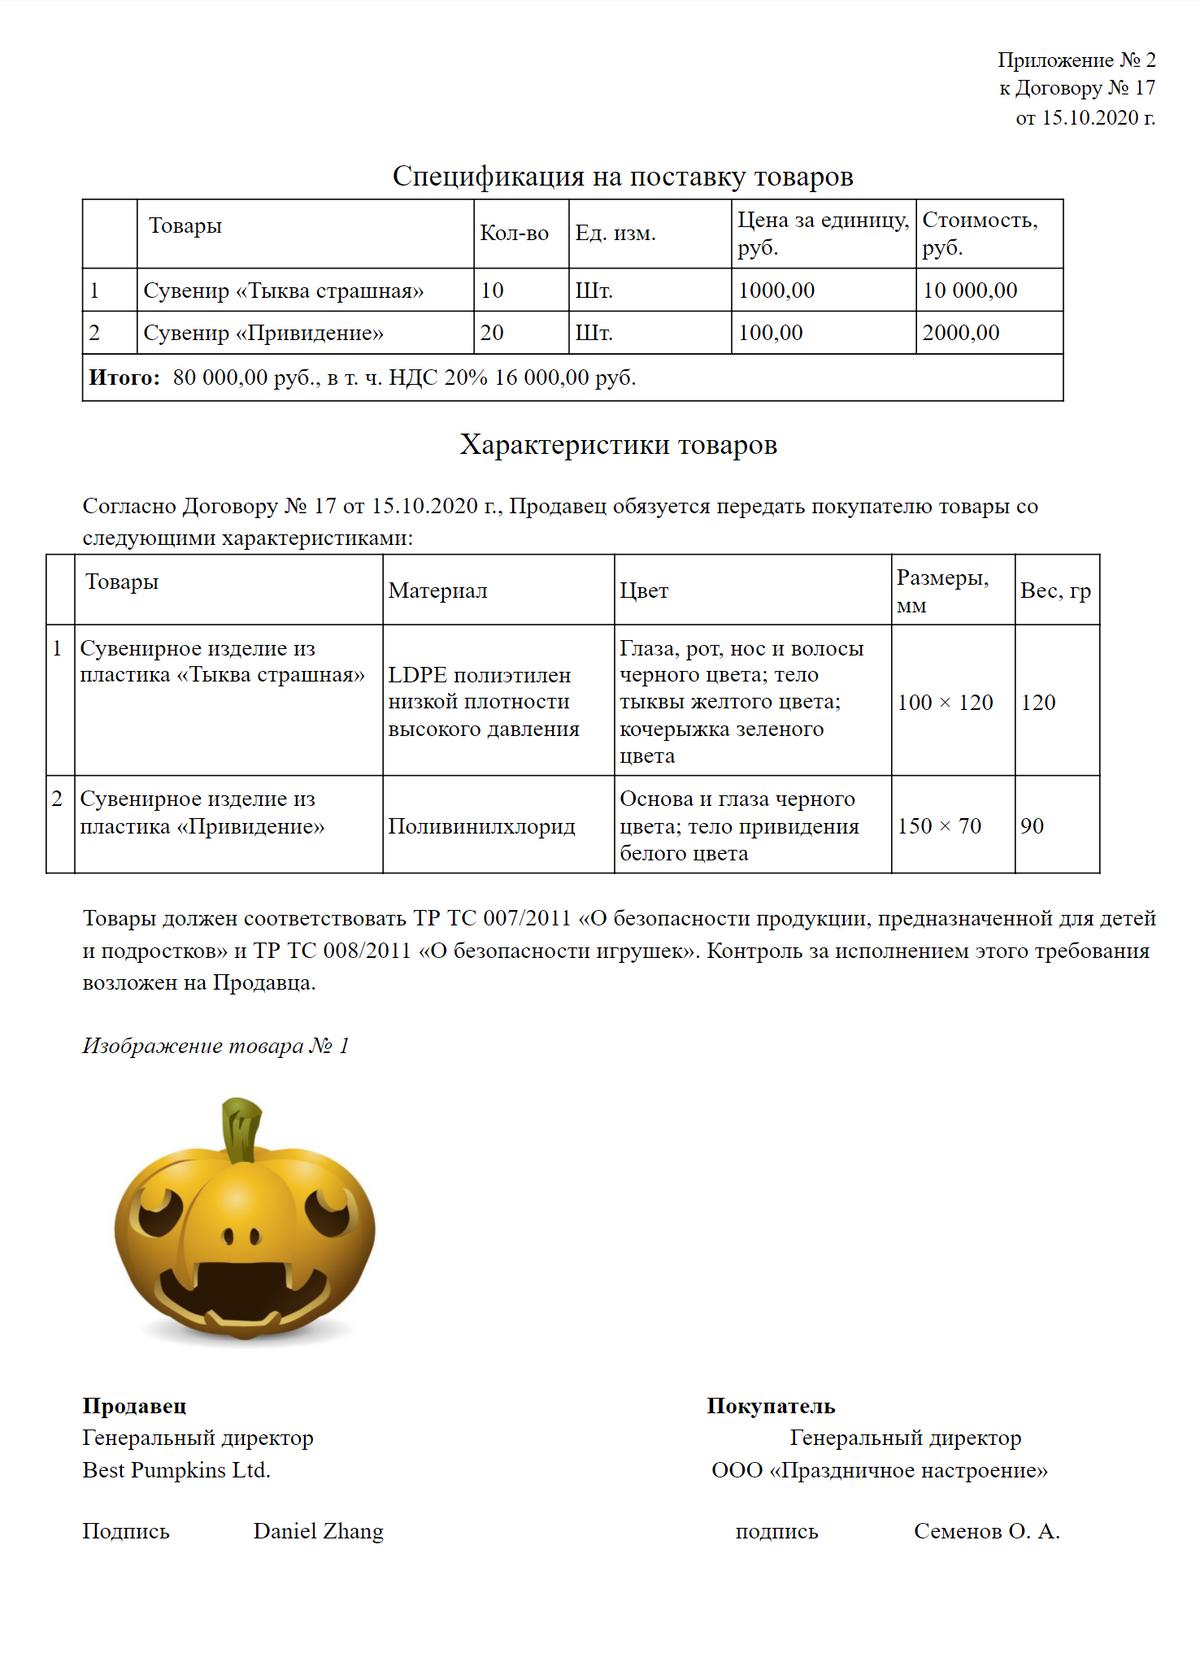 Пример спецификации напоставку, где указаны характеристики сувениров наХеллоуин